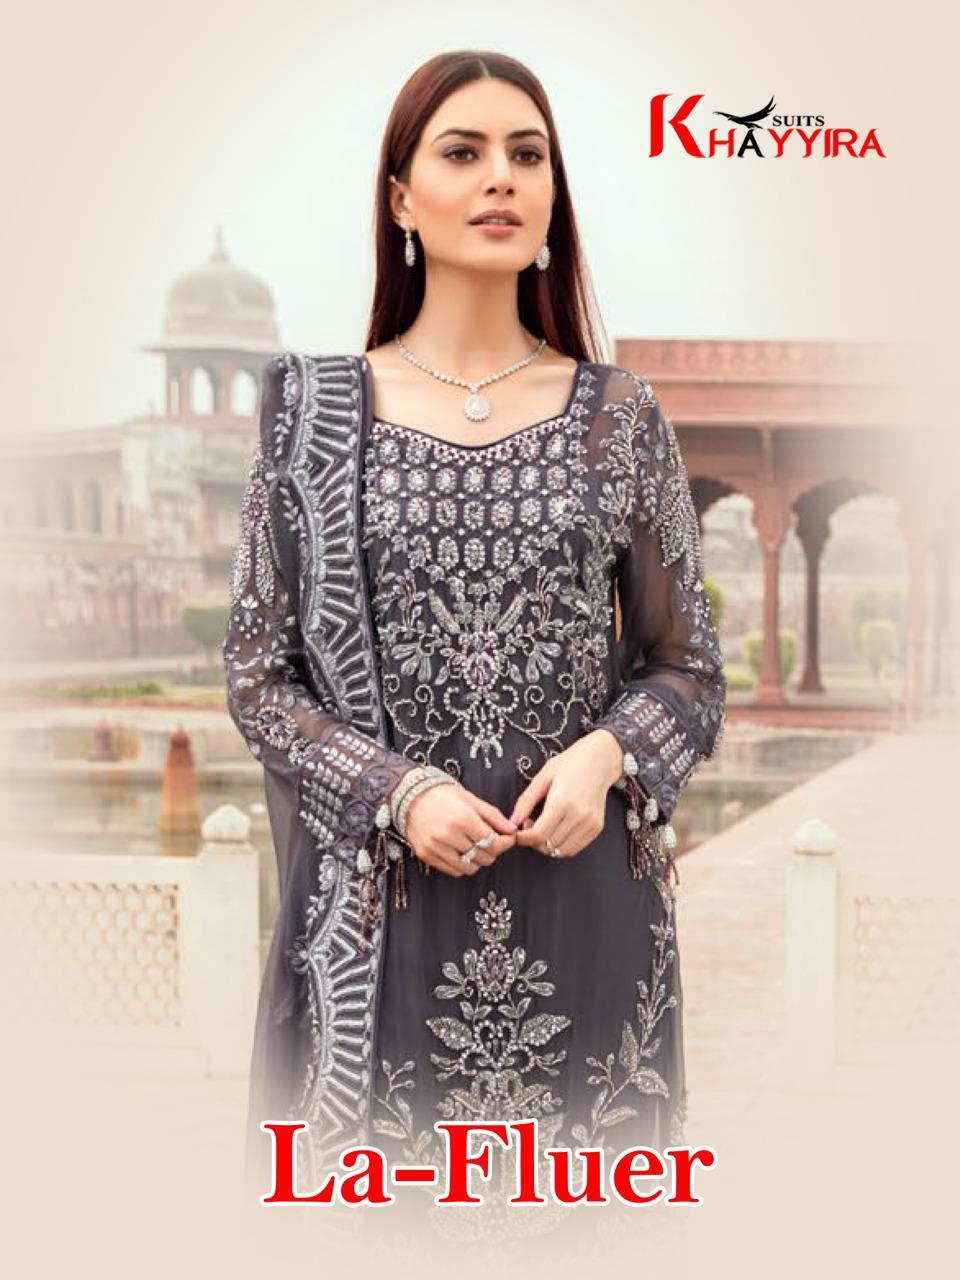 Khayyira La Fluer Salwar Suit Wholesale Catalog 3 Pcs 1 - Khayyira La Fluer Salwar Suit Wholesale Catalog 3 Pcs